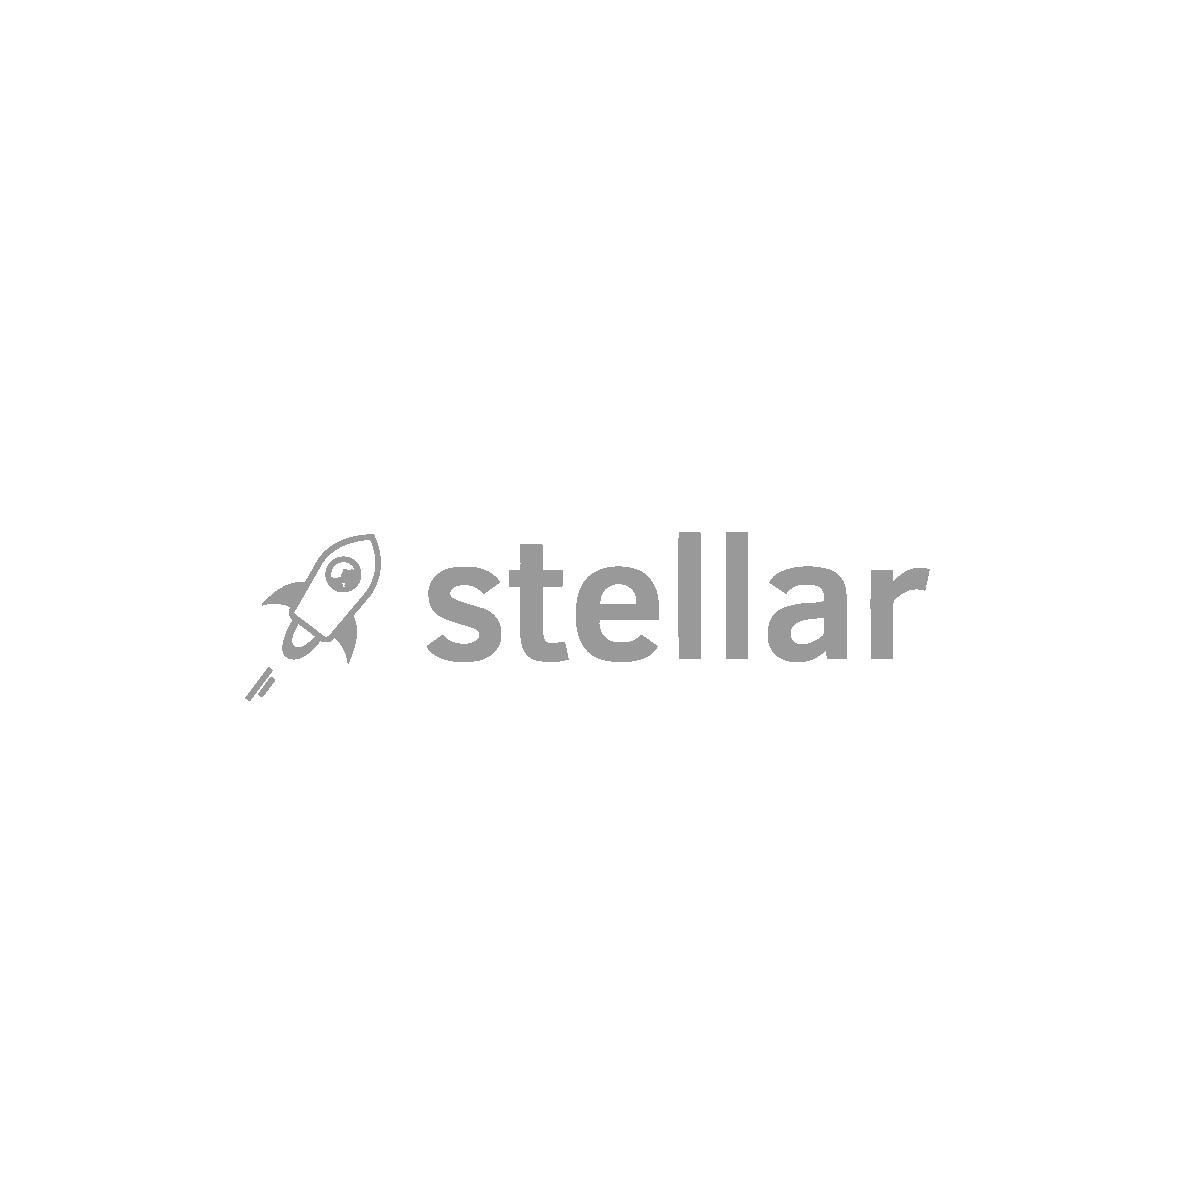 stellar-01.png